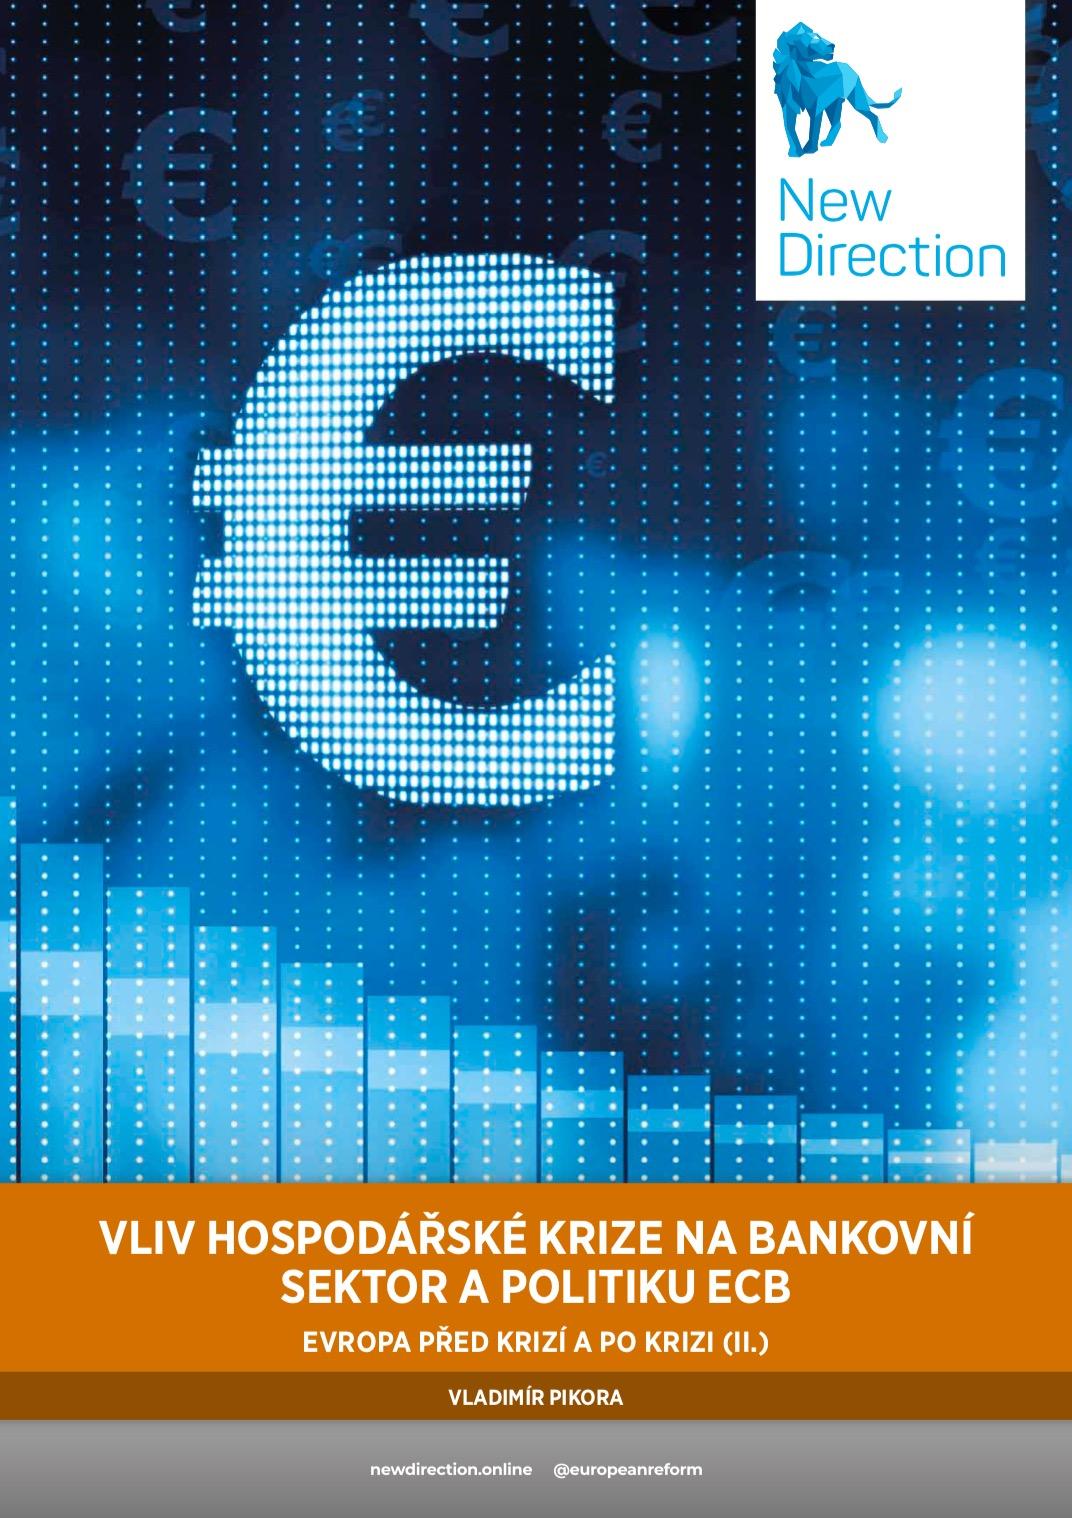 VLIV HOSPODÁŘSKÉ KRIZE NA BANKOVNÍ SEKTOR A POLITIKU ECB - EVROPA PŘED KRIZÍ A PO KRIZI (II.)